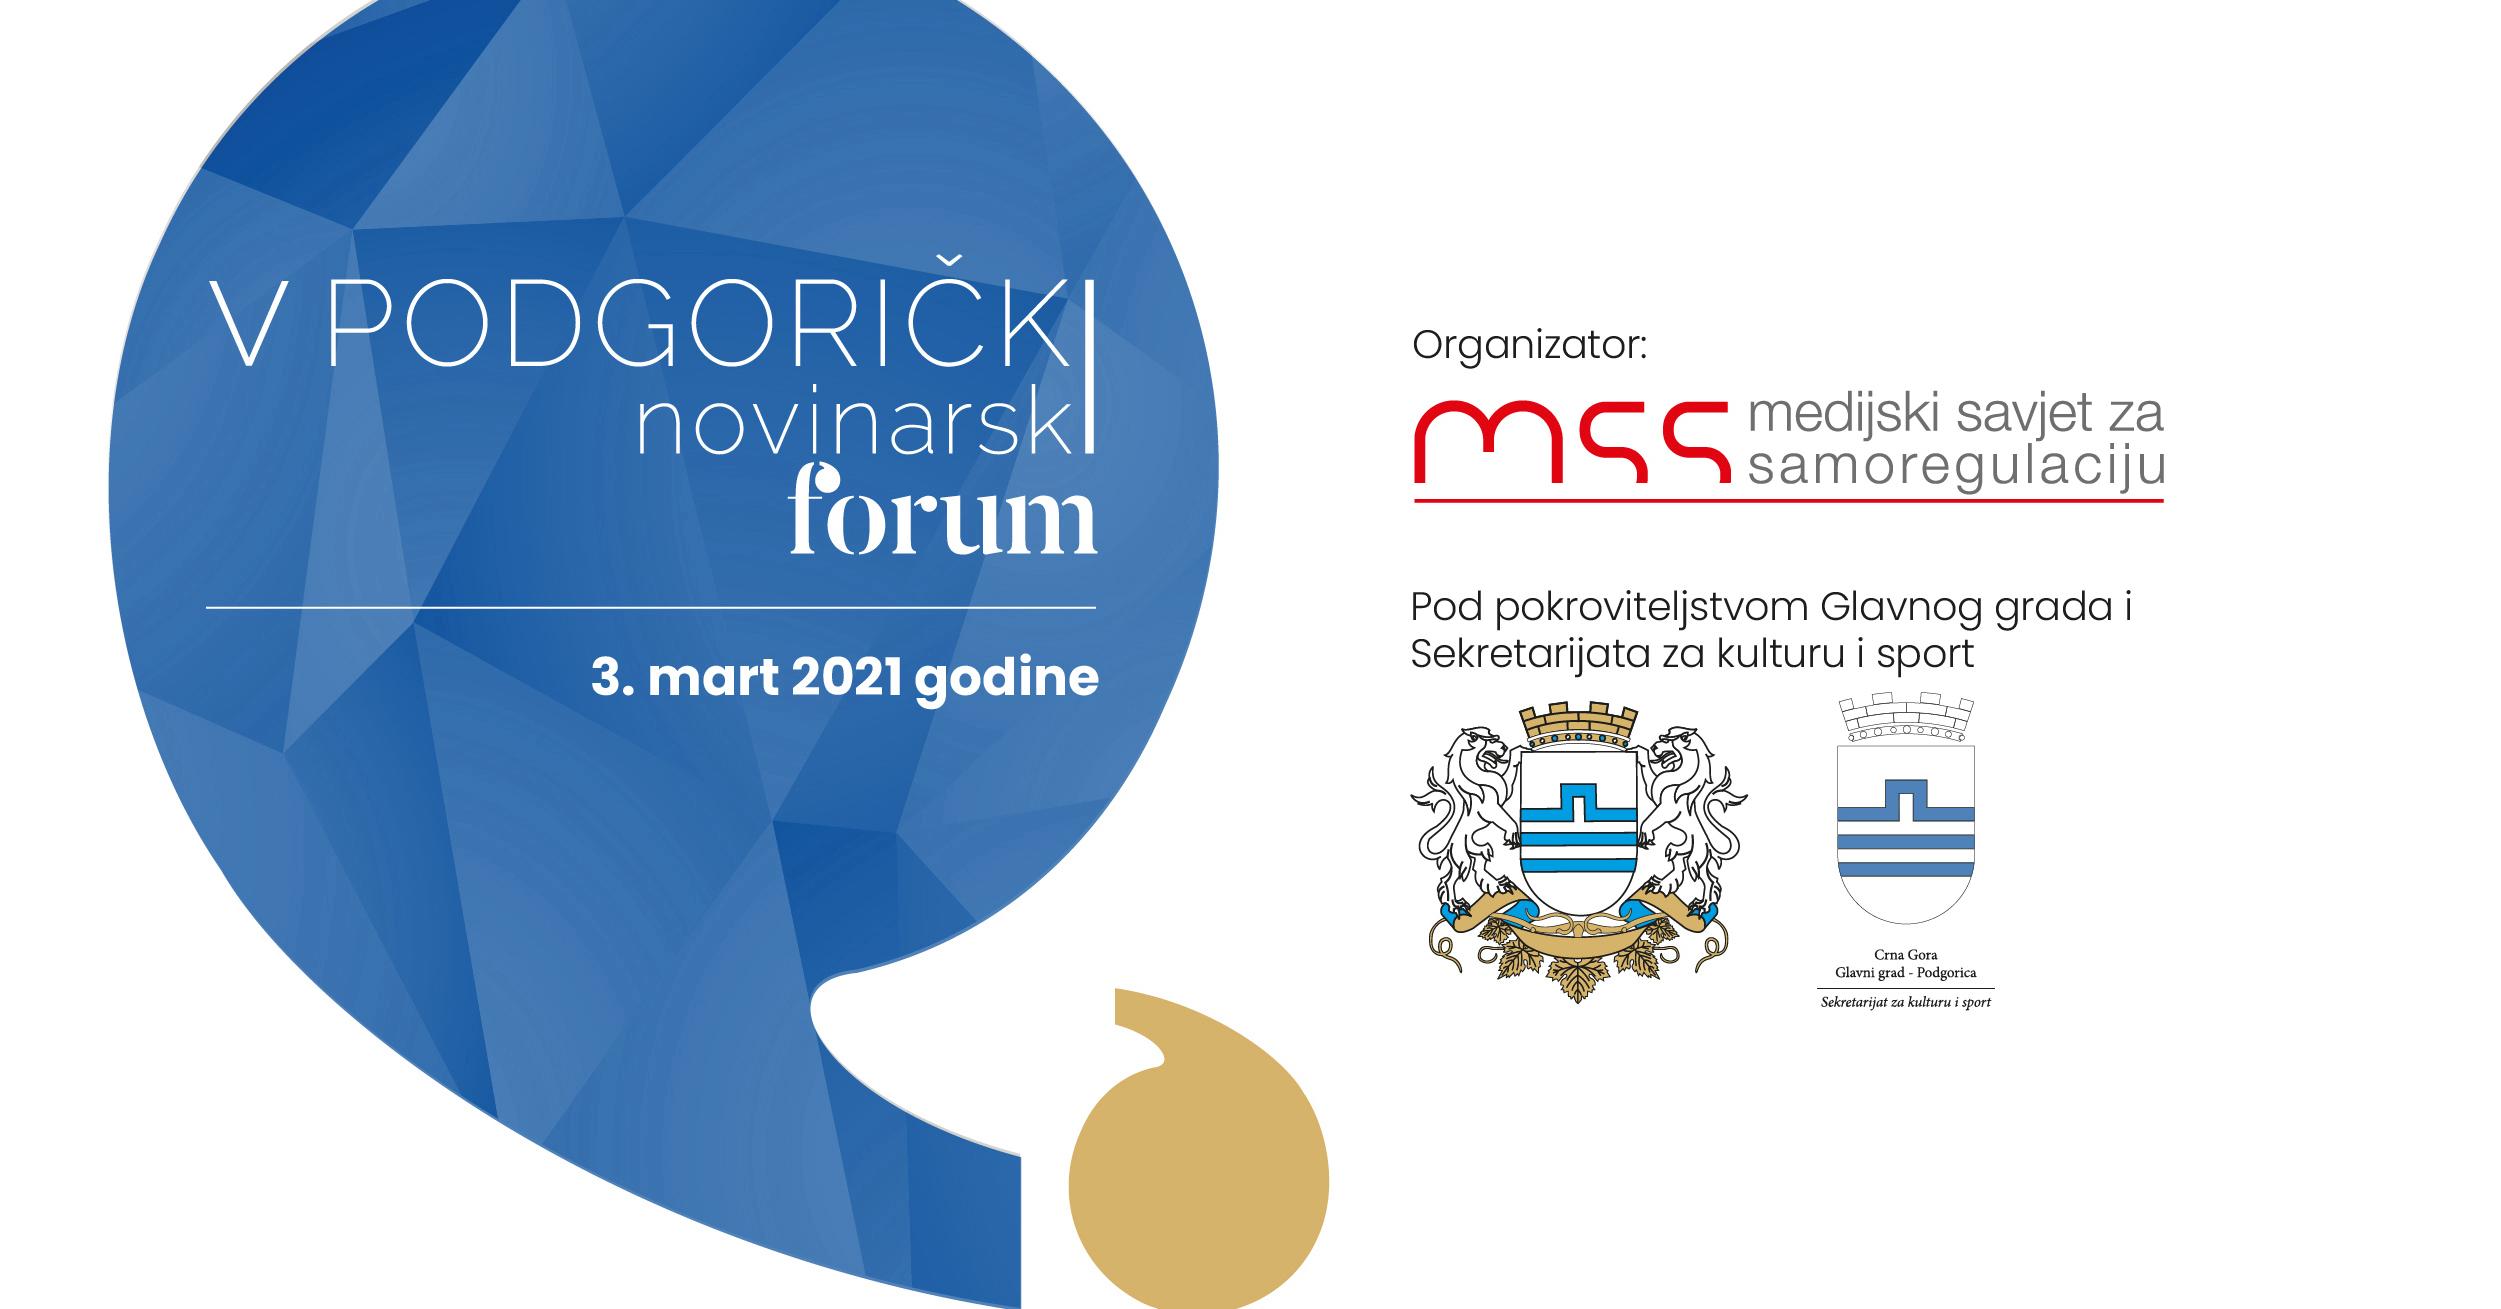 Peti Podgorički novinarski forum (live)